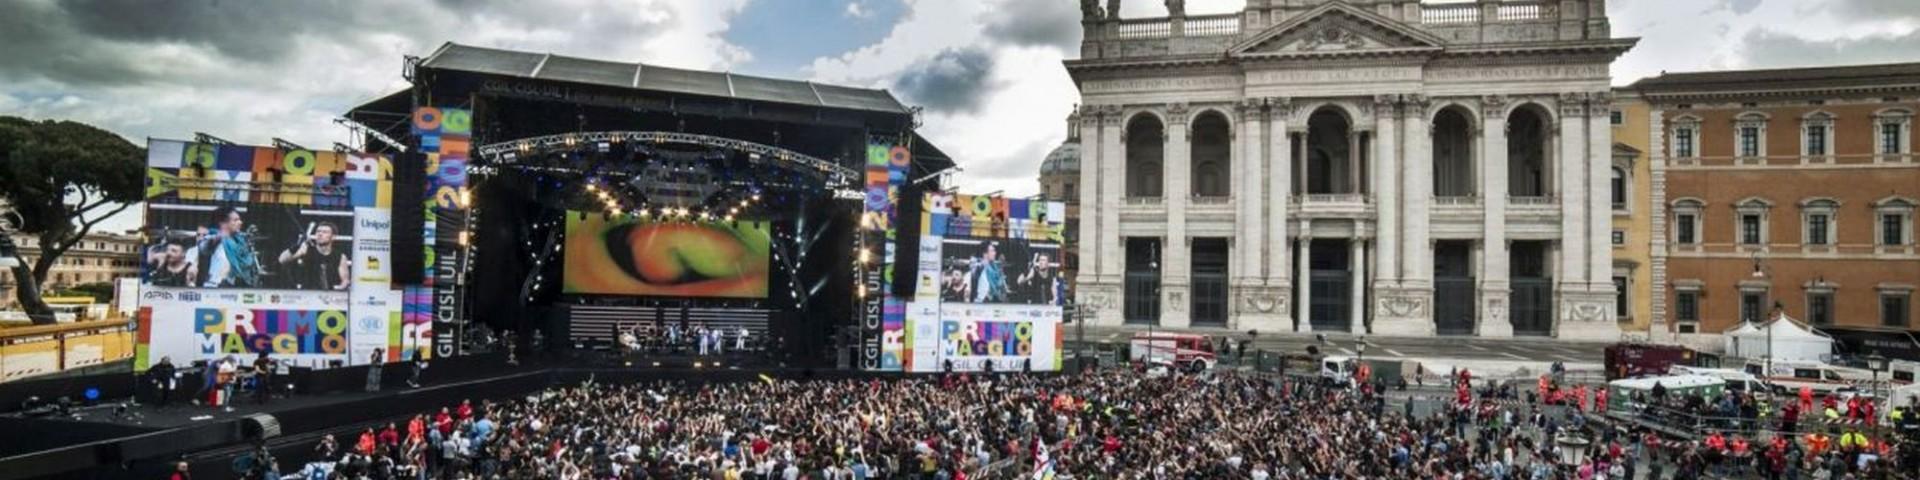 Concerto Primo Maggio 2019 a Roma: chi ci sarà nel cast?